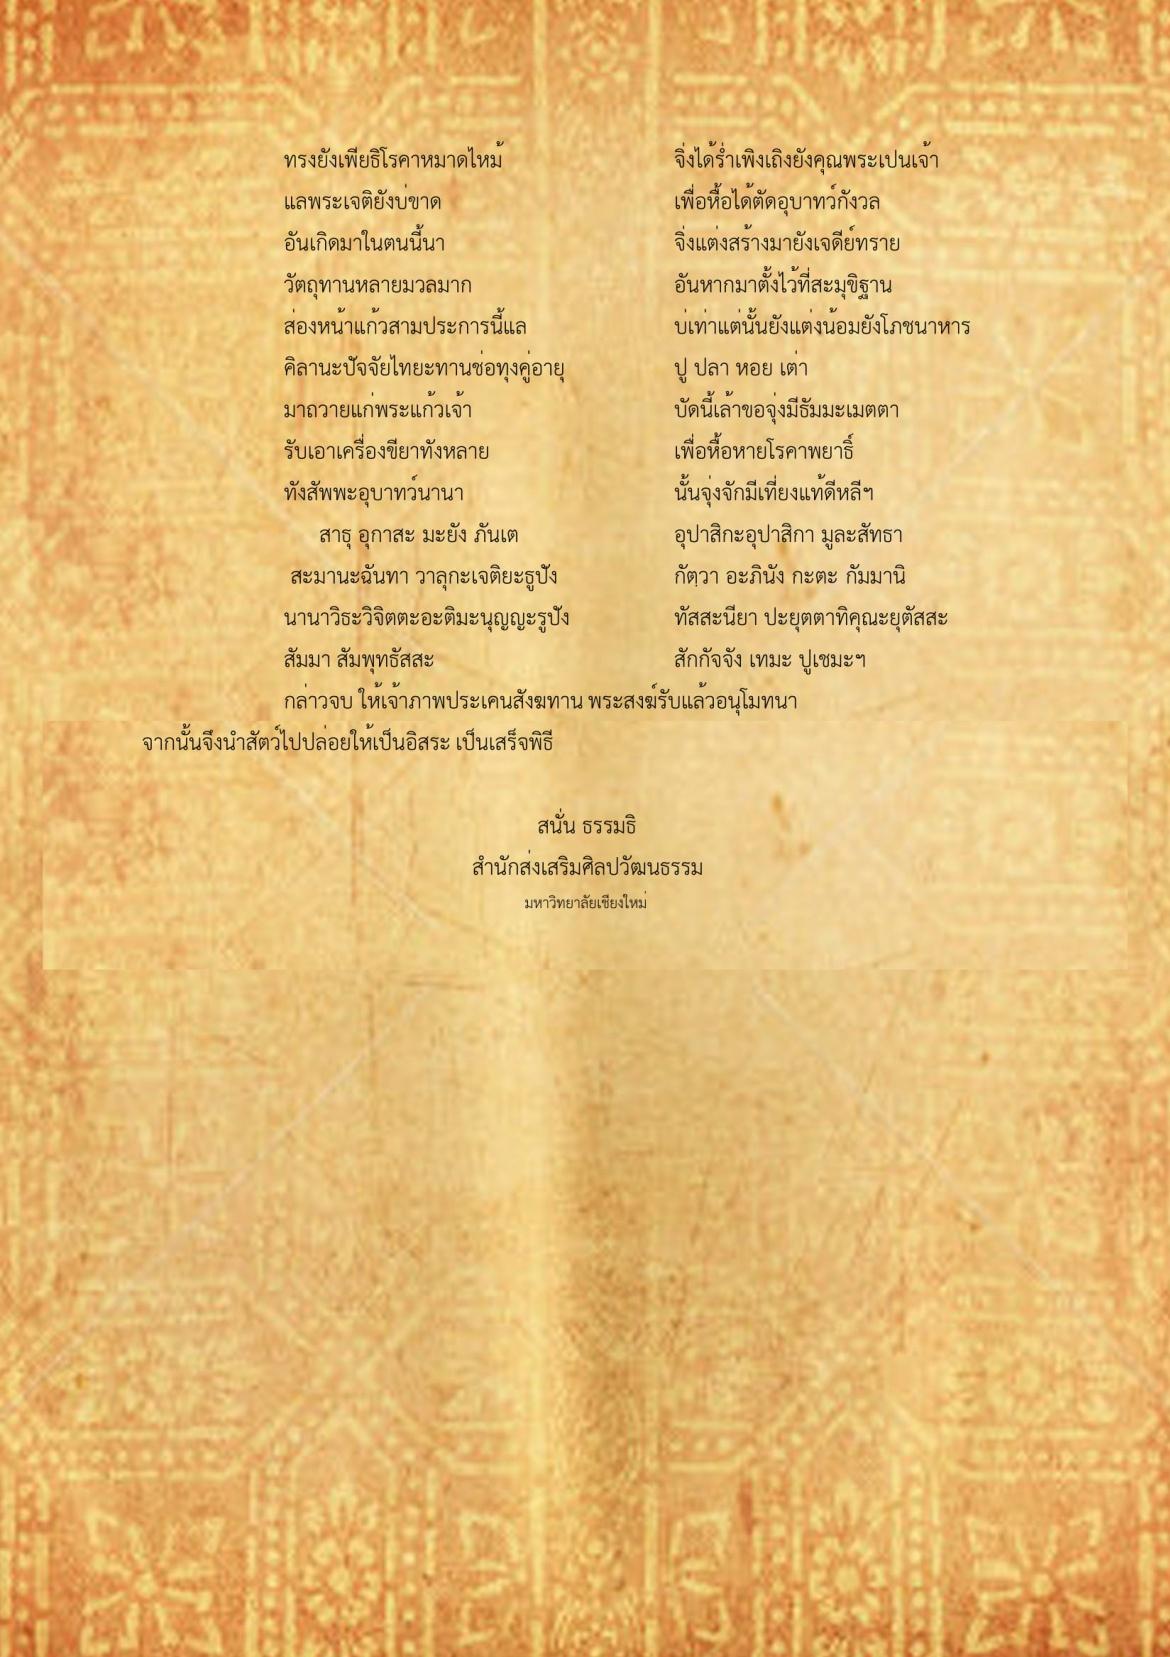 ปูชาเจดีย์ทรายคู่อายุ - 12 มีนาคม 2561